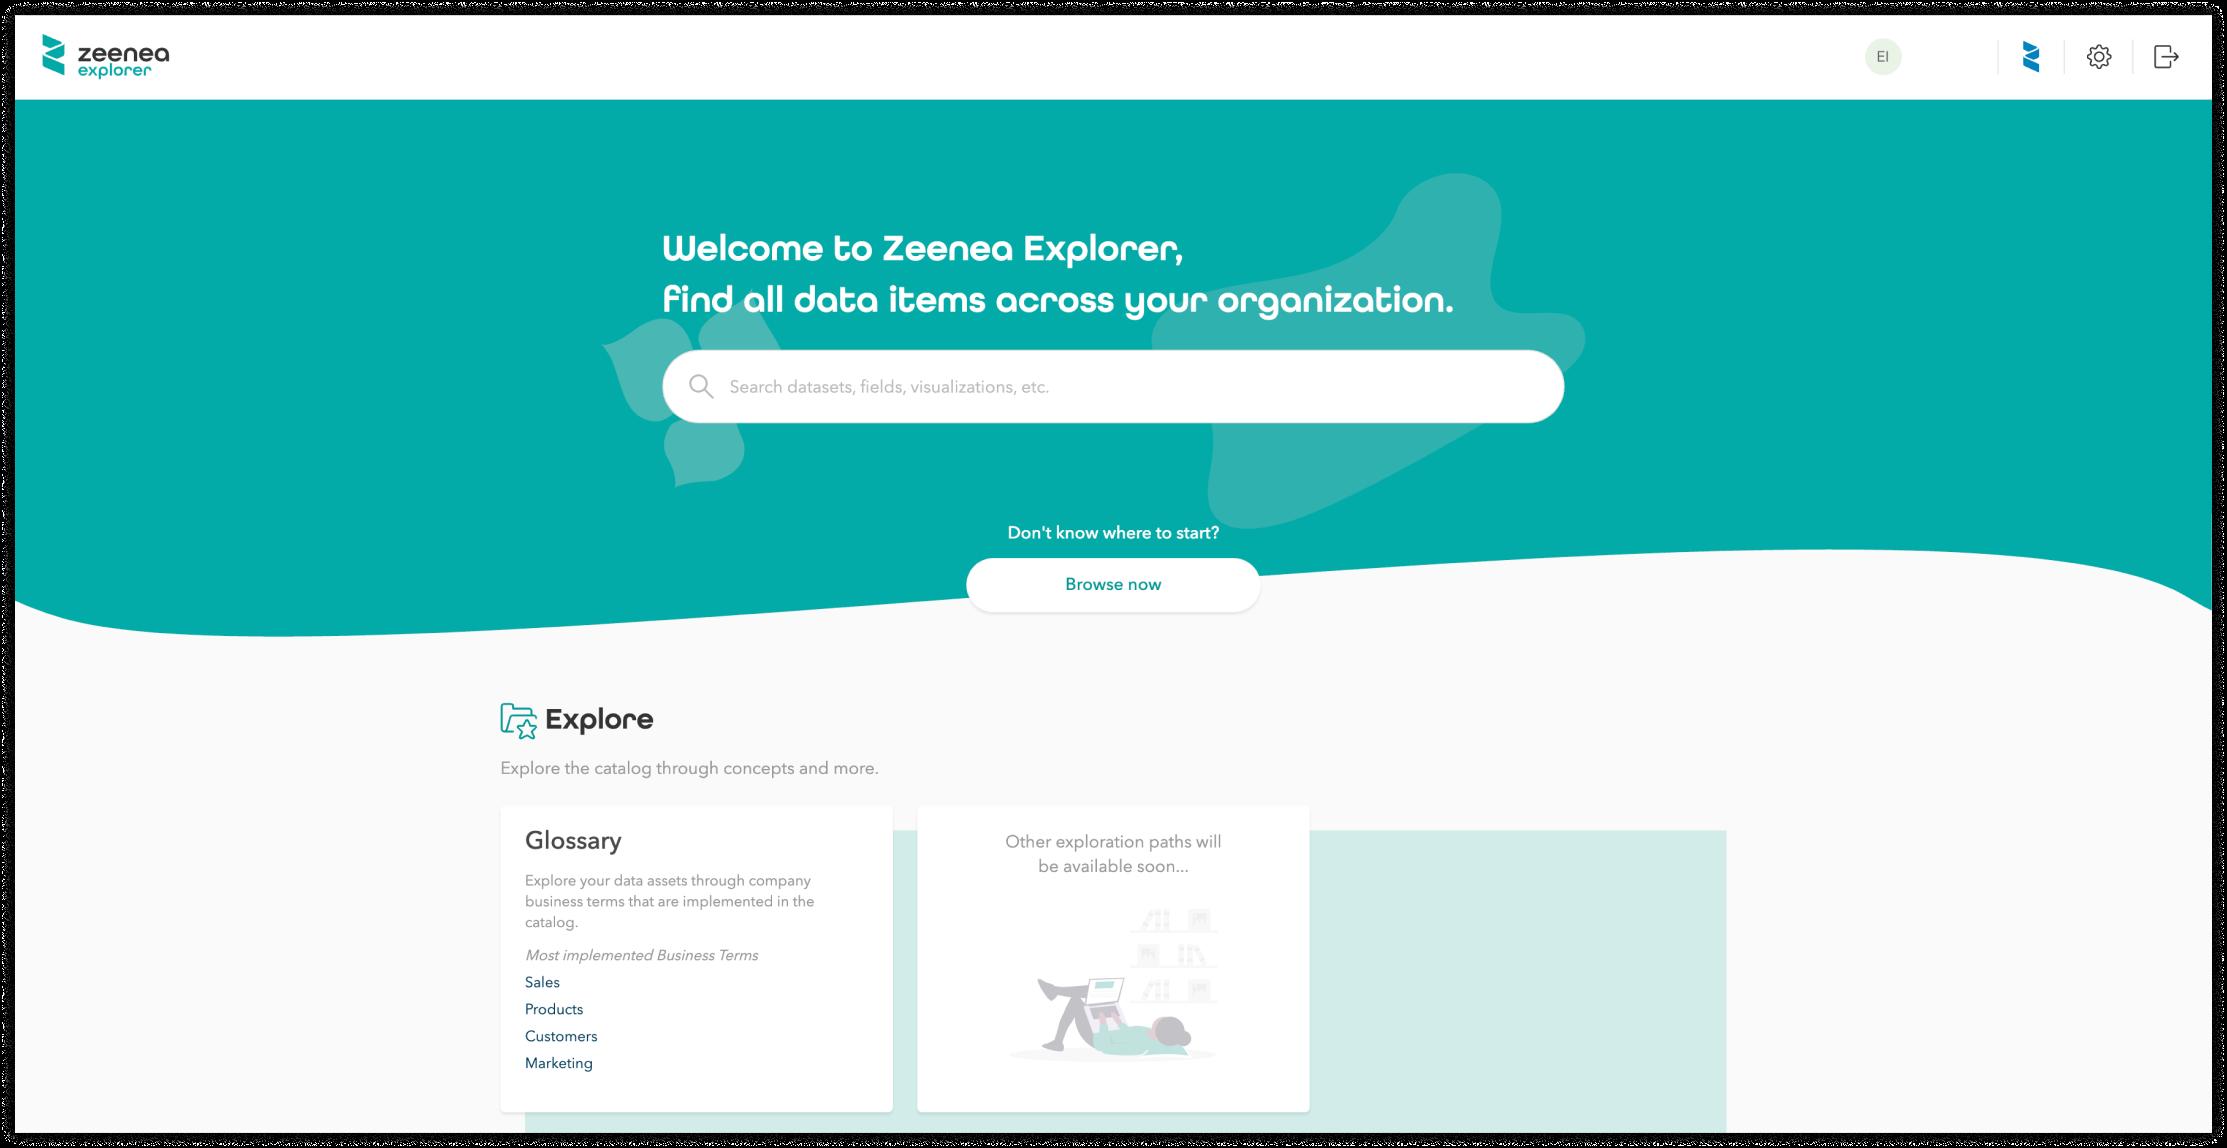 Zeenea Explorer